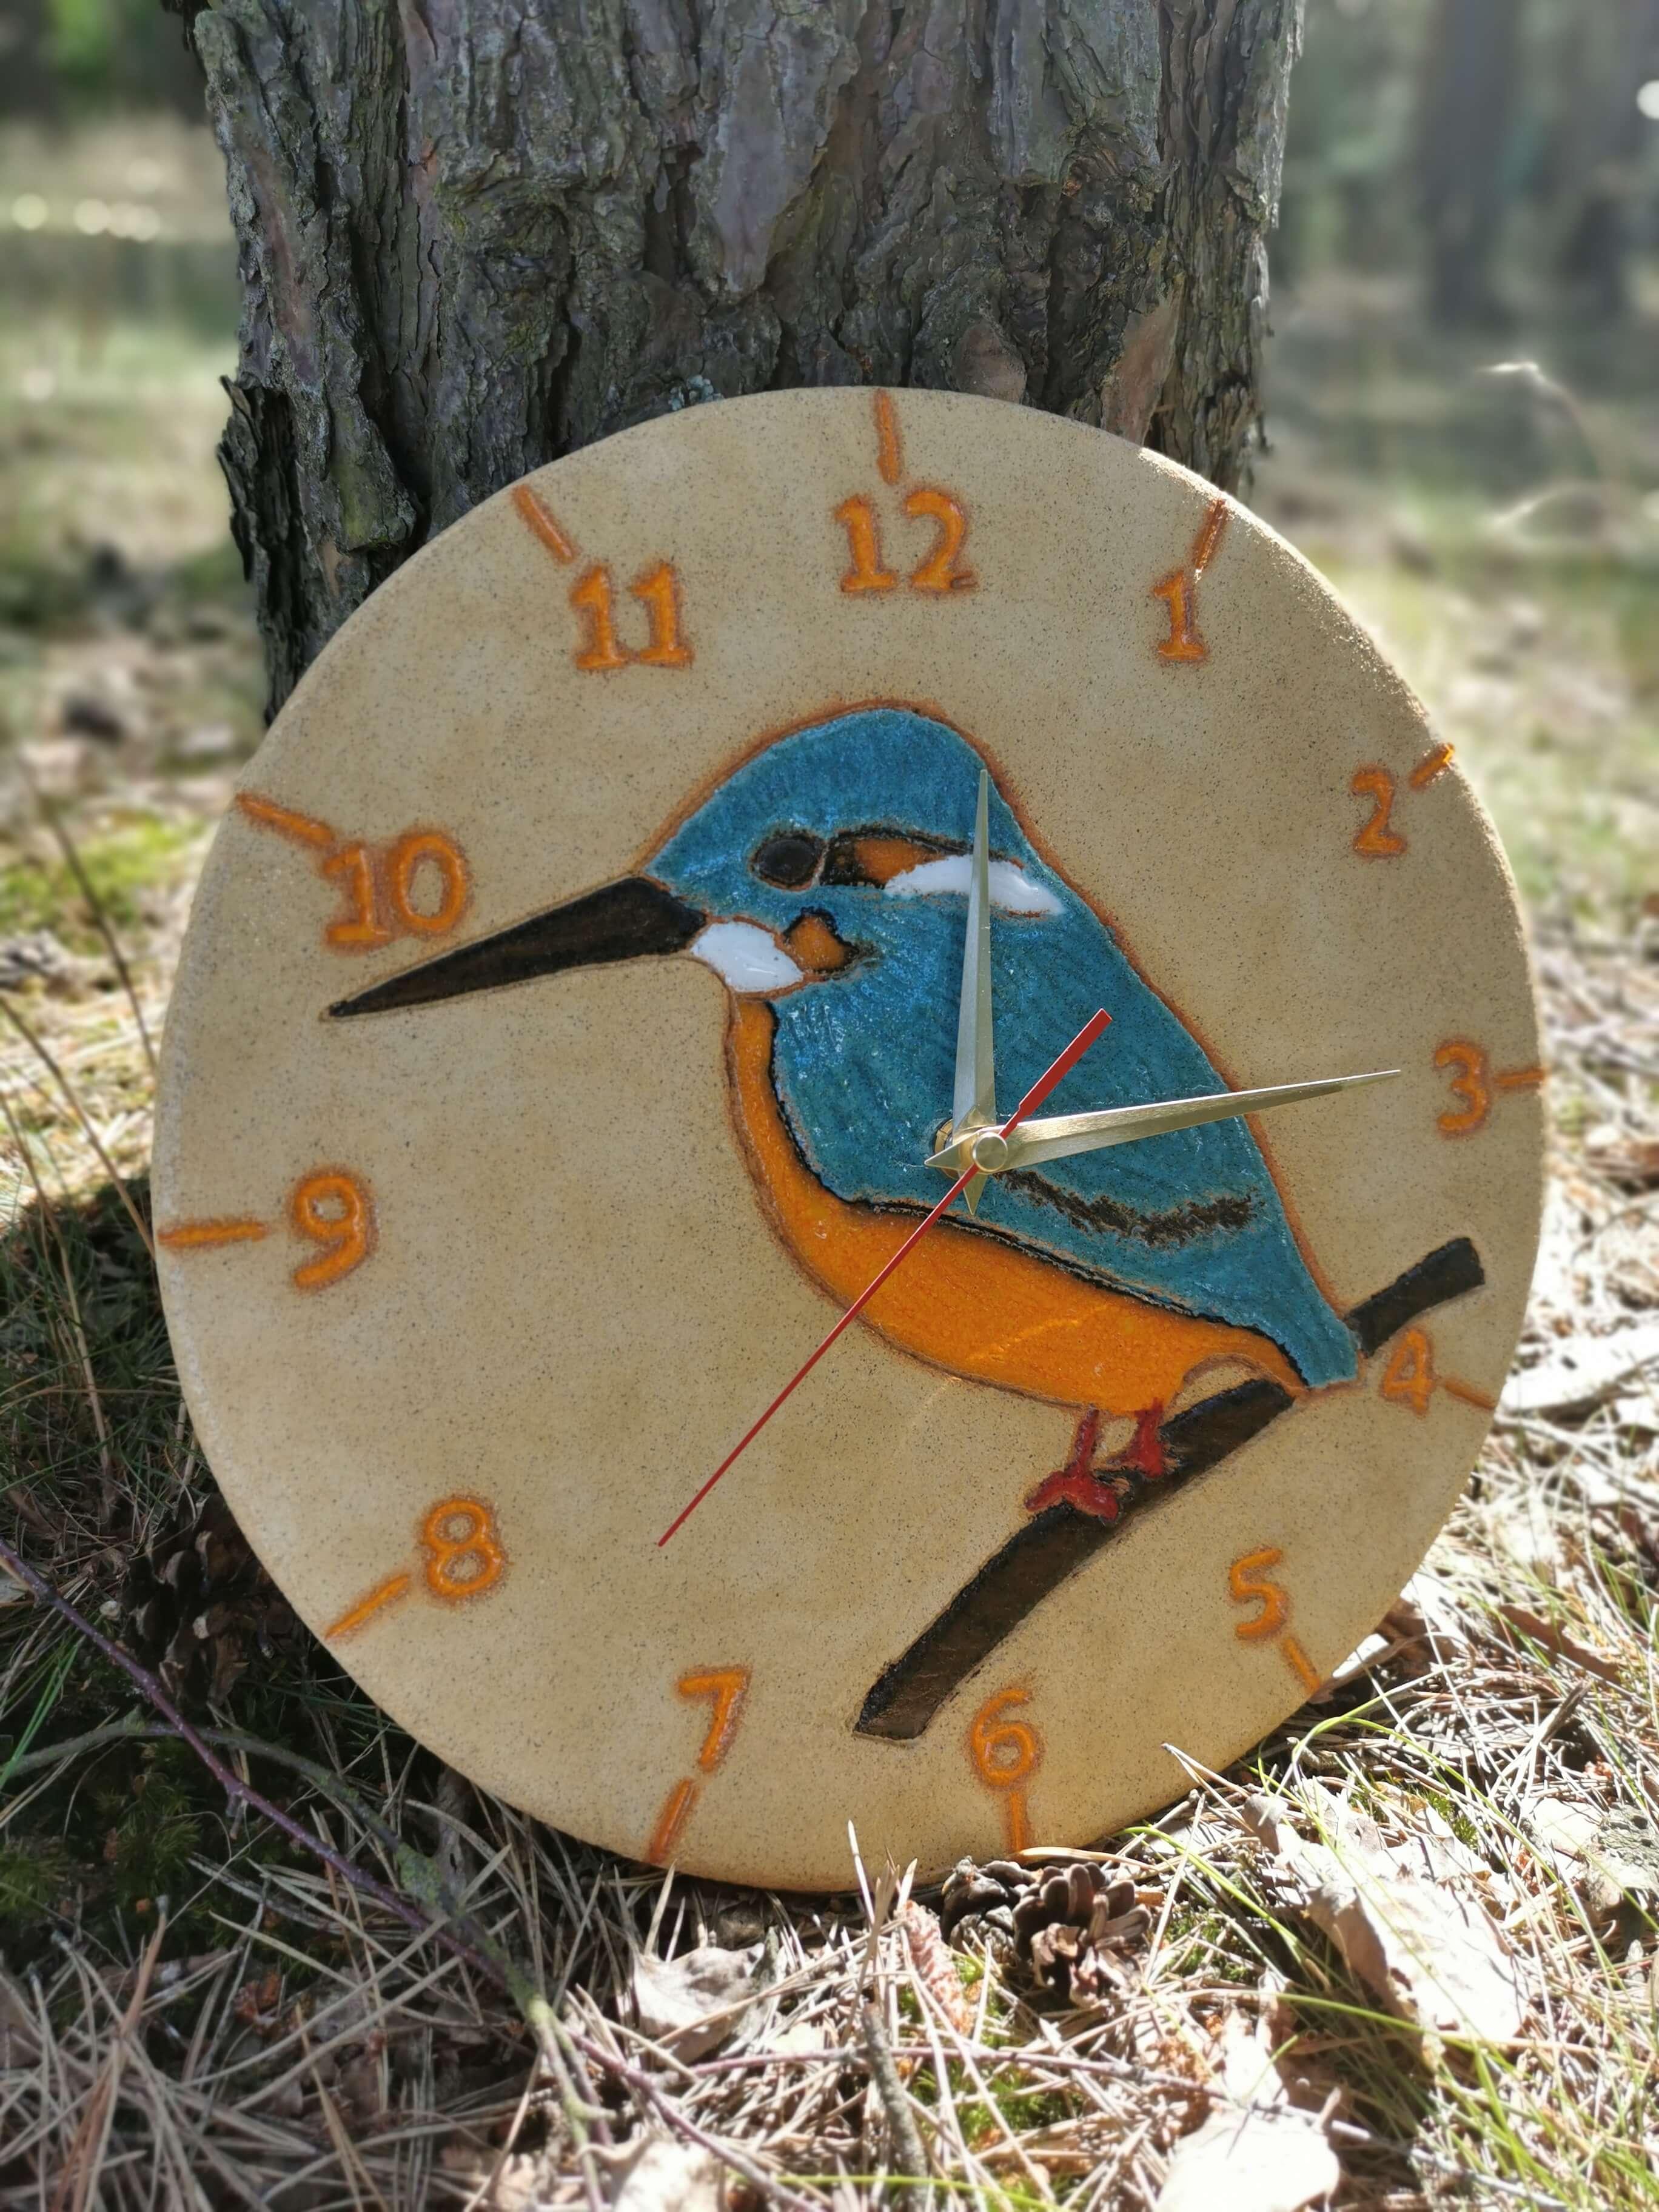 ptasi-zegar-zimorodek-eweolo